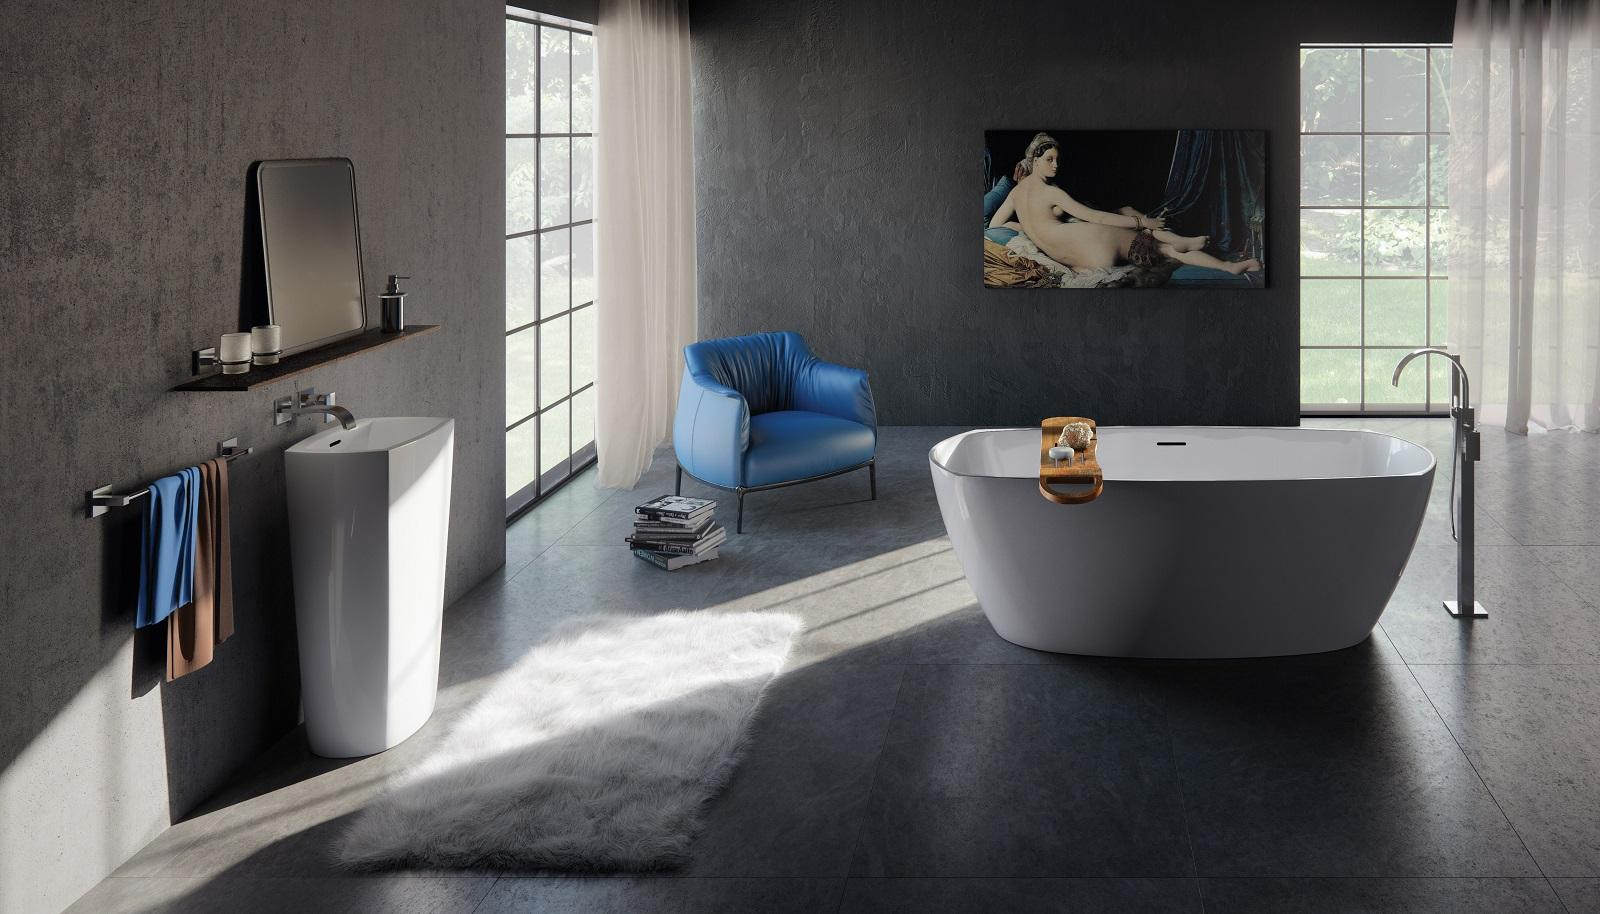 Vasche Da Bagno Altezza 50 Cm : Le vasche da bagno non sono realizzate soltanto in acrilico